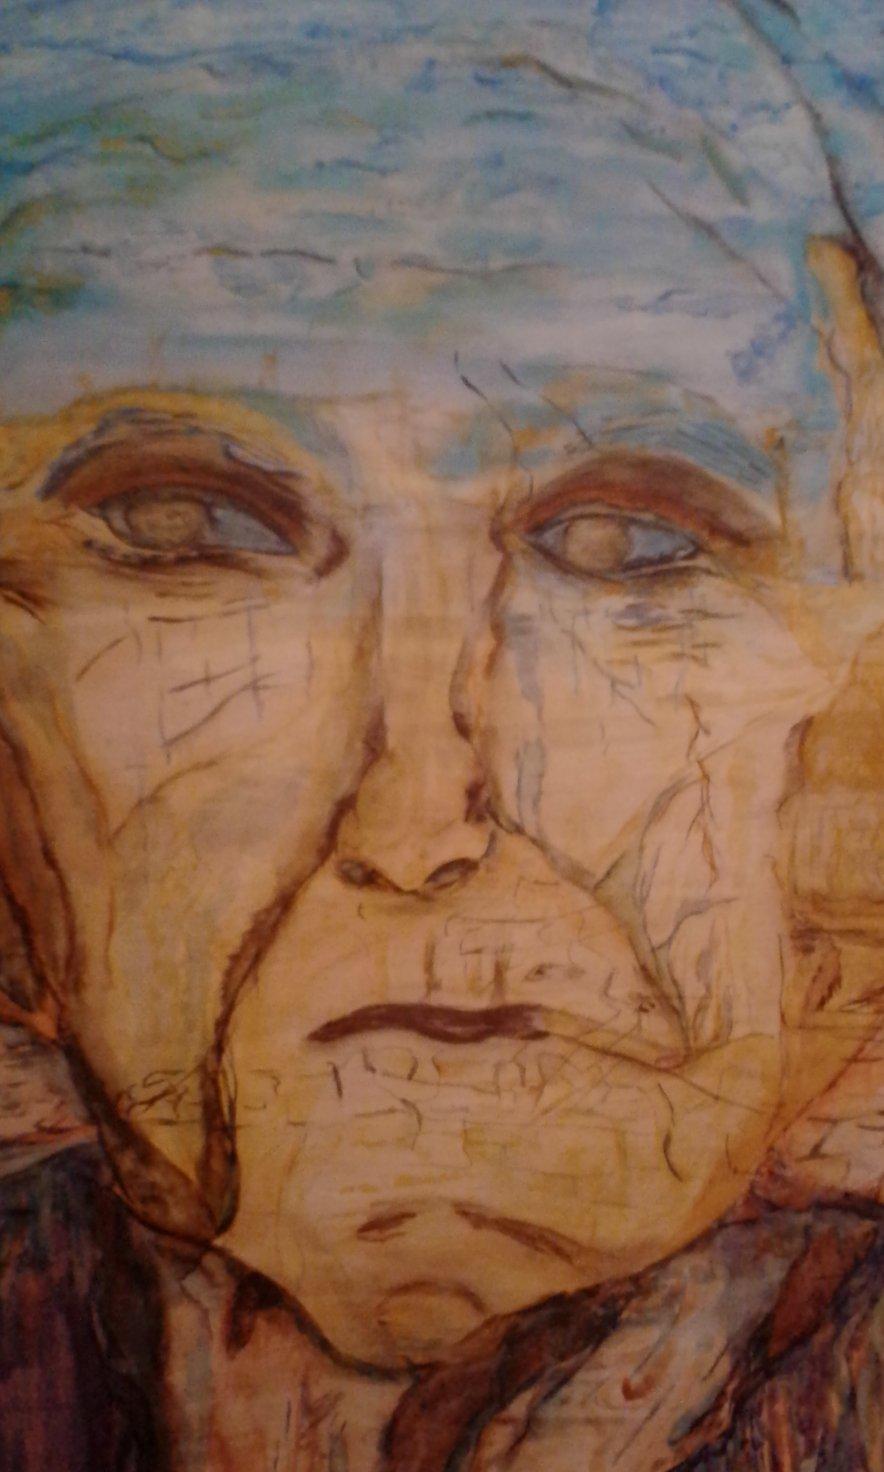 Surrealismo de recuerdos ciegos (2016) - Sergio Javier Roda - Martín Nigromante